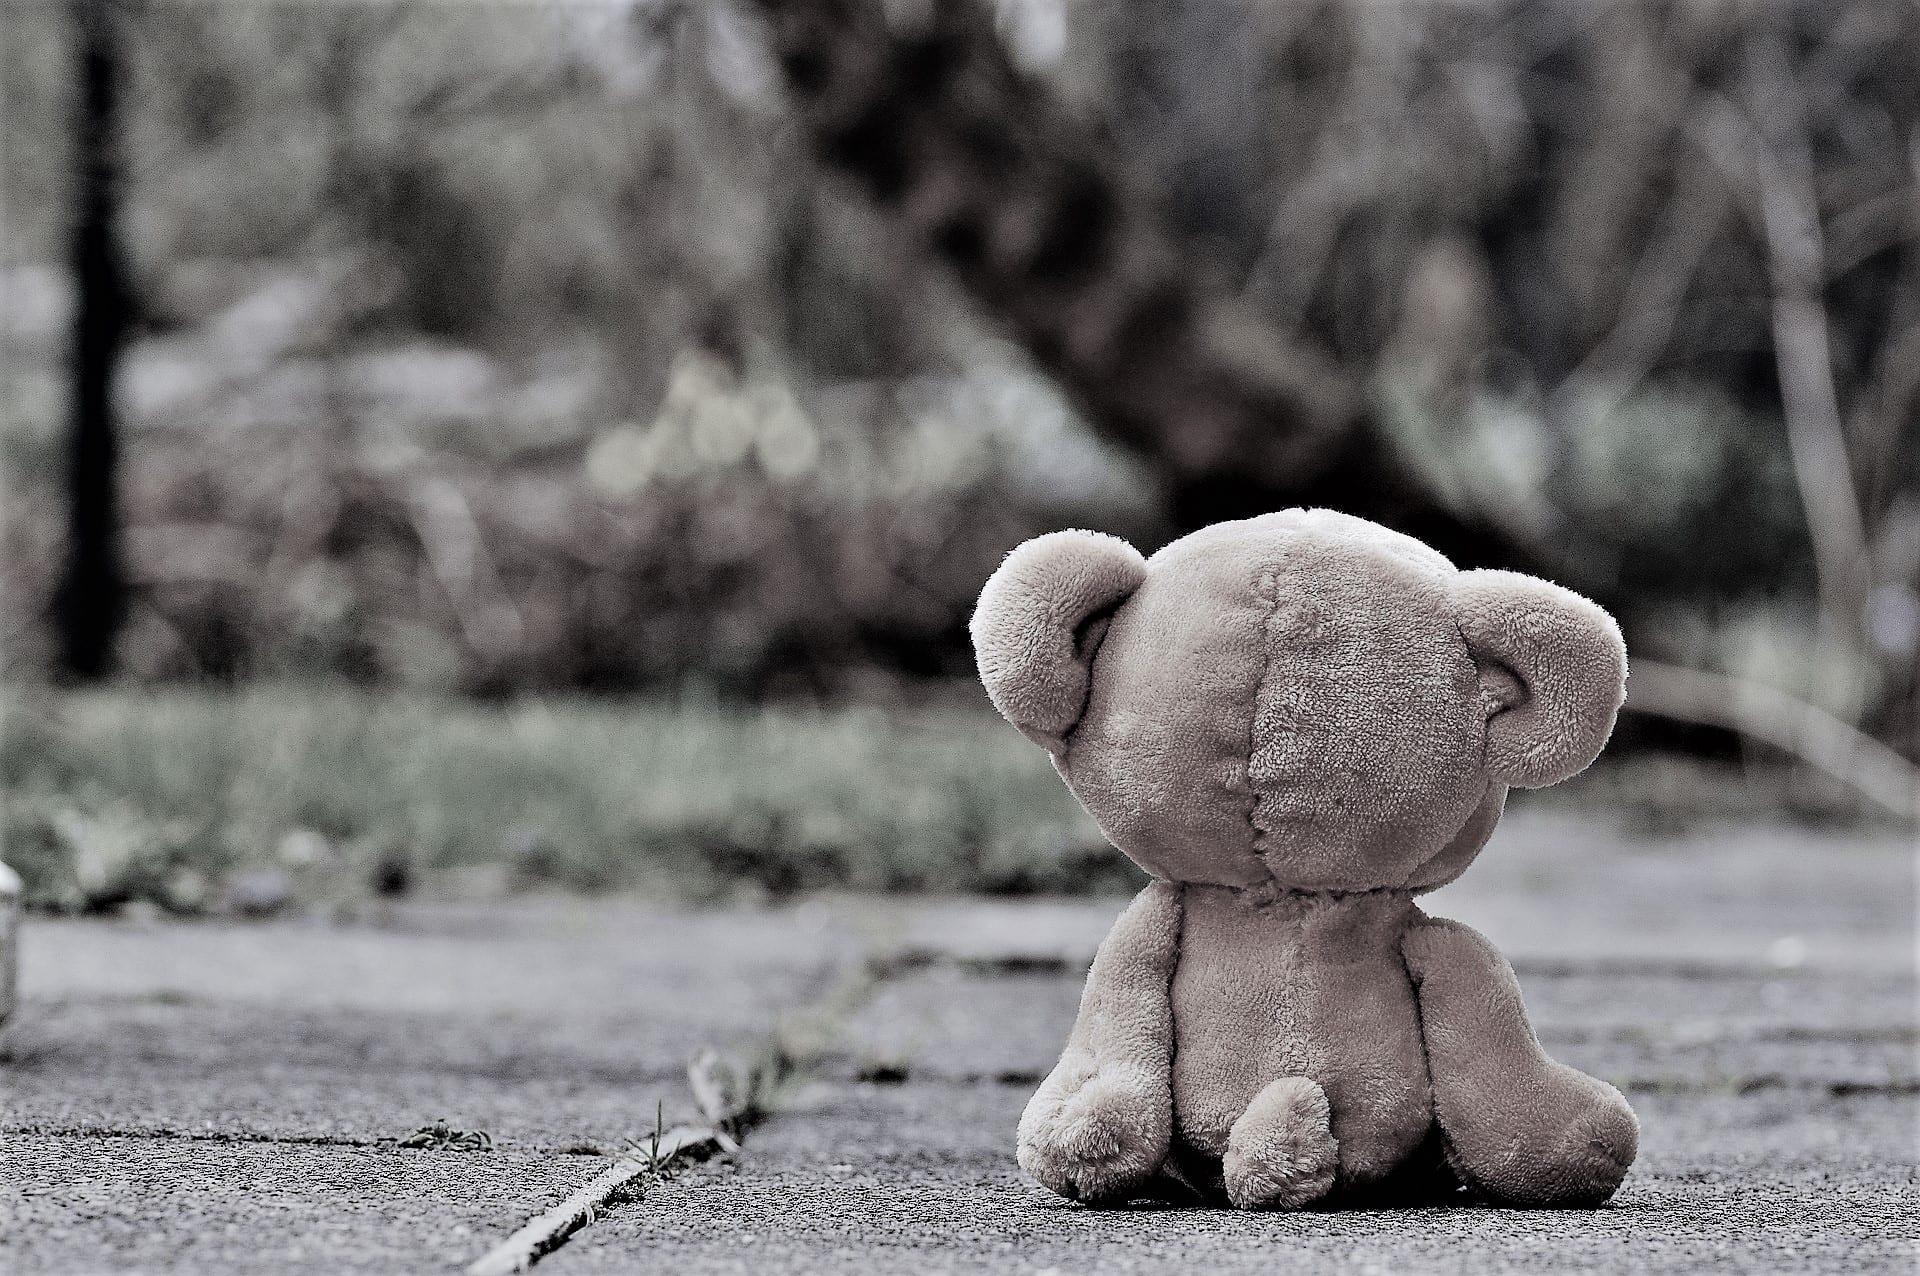 Alleine beziehung trotz fühle ich mich Einsam trotz